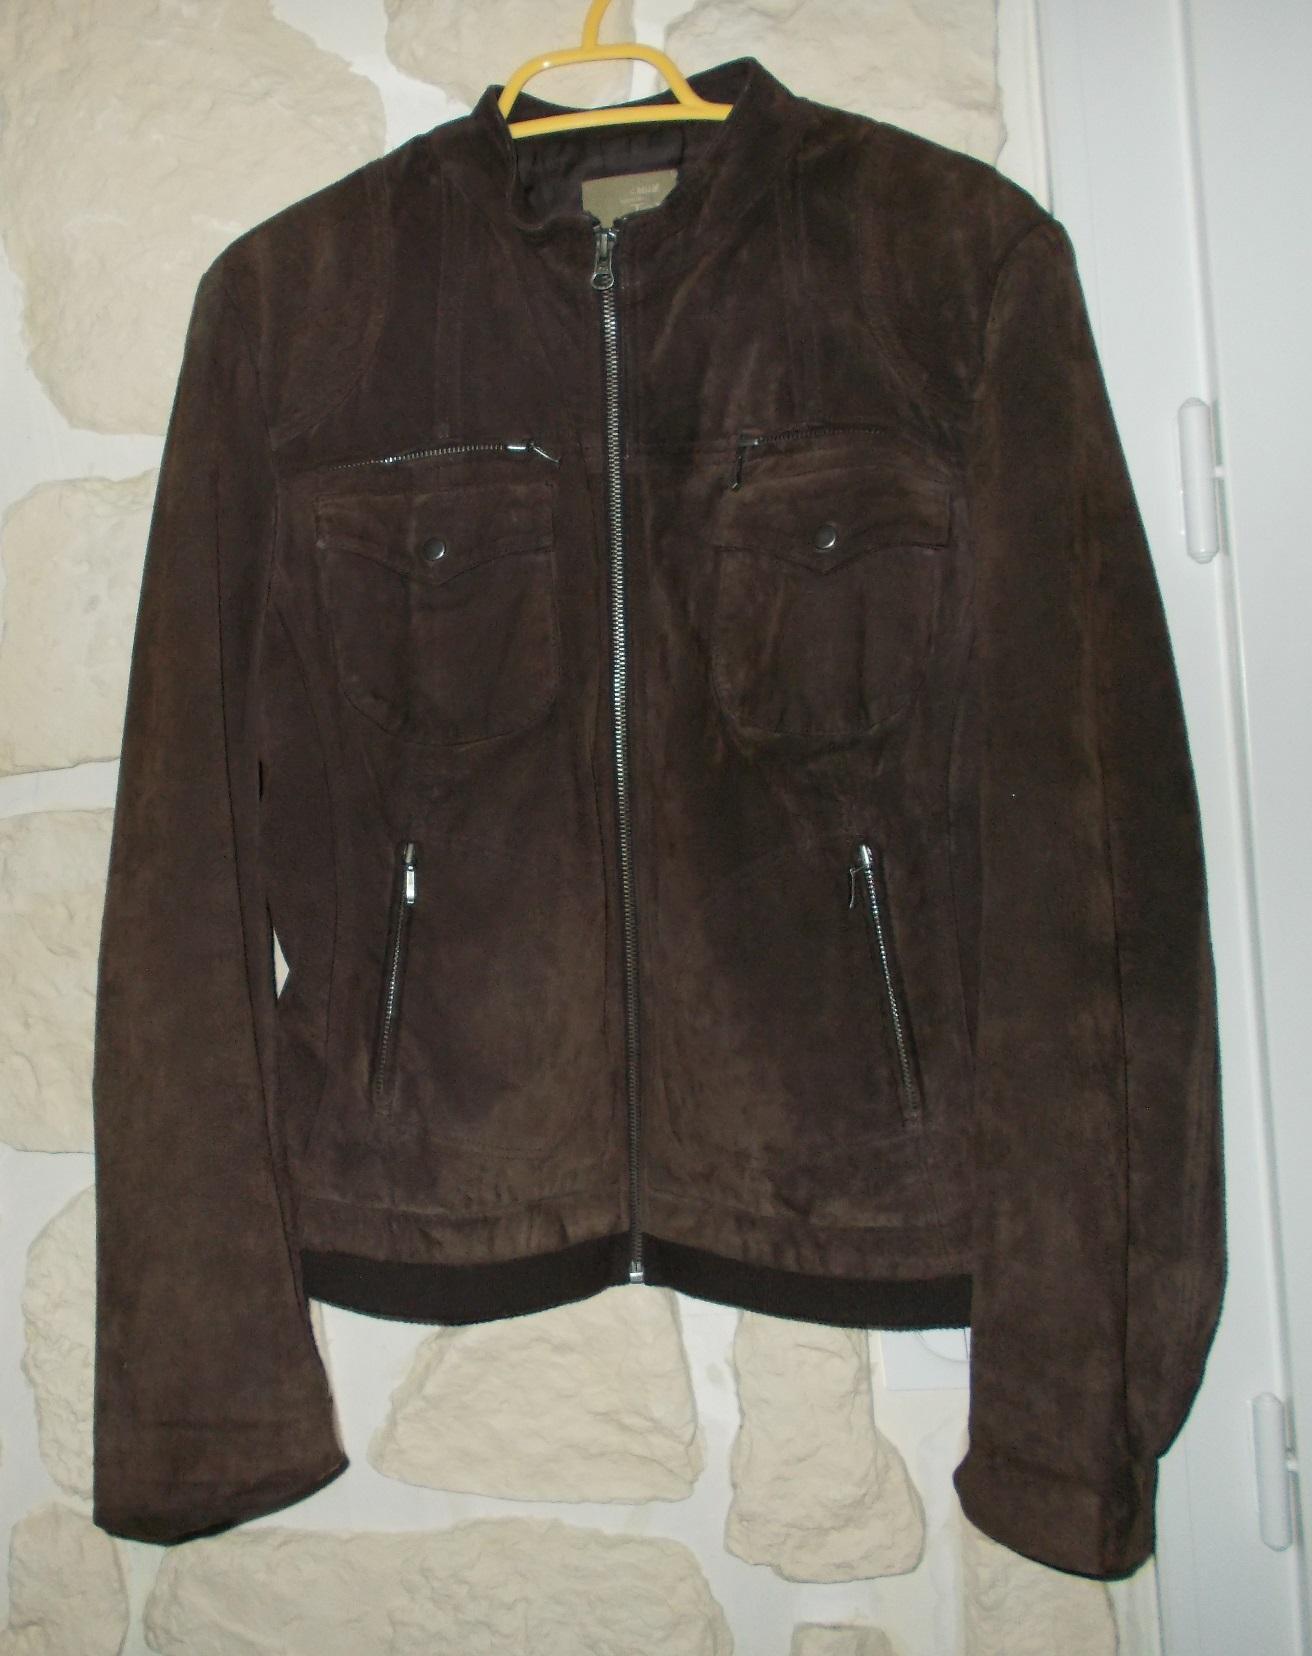 troc de troc veste en cuir 40/42 image 0